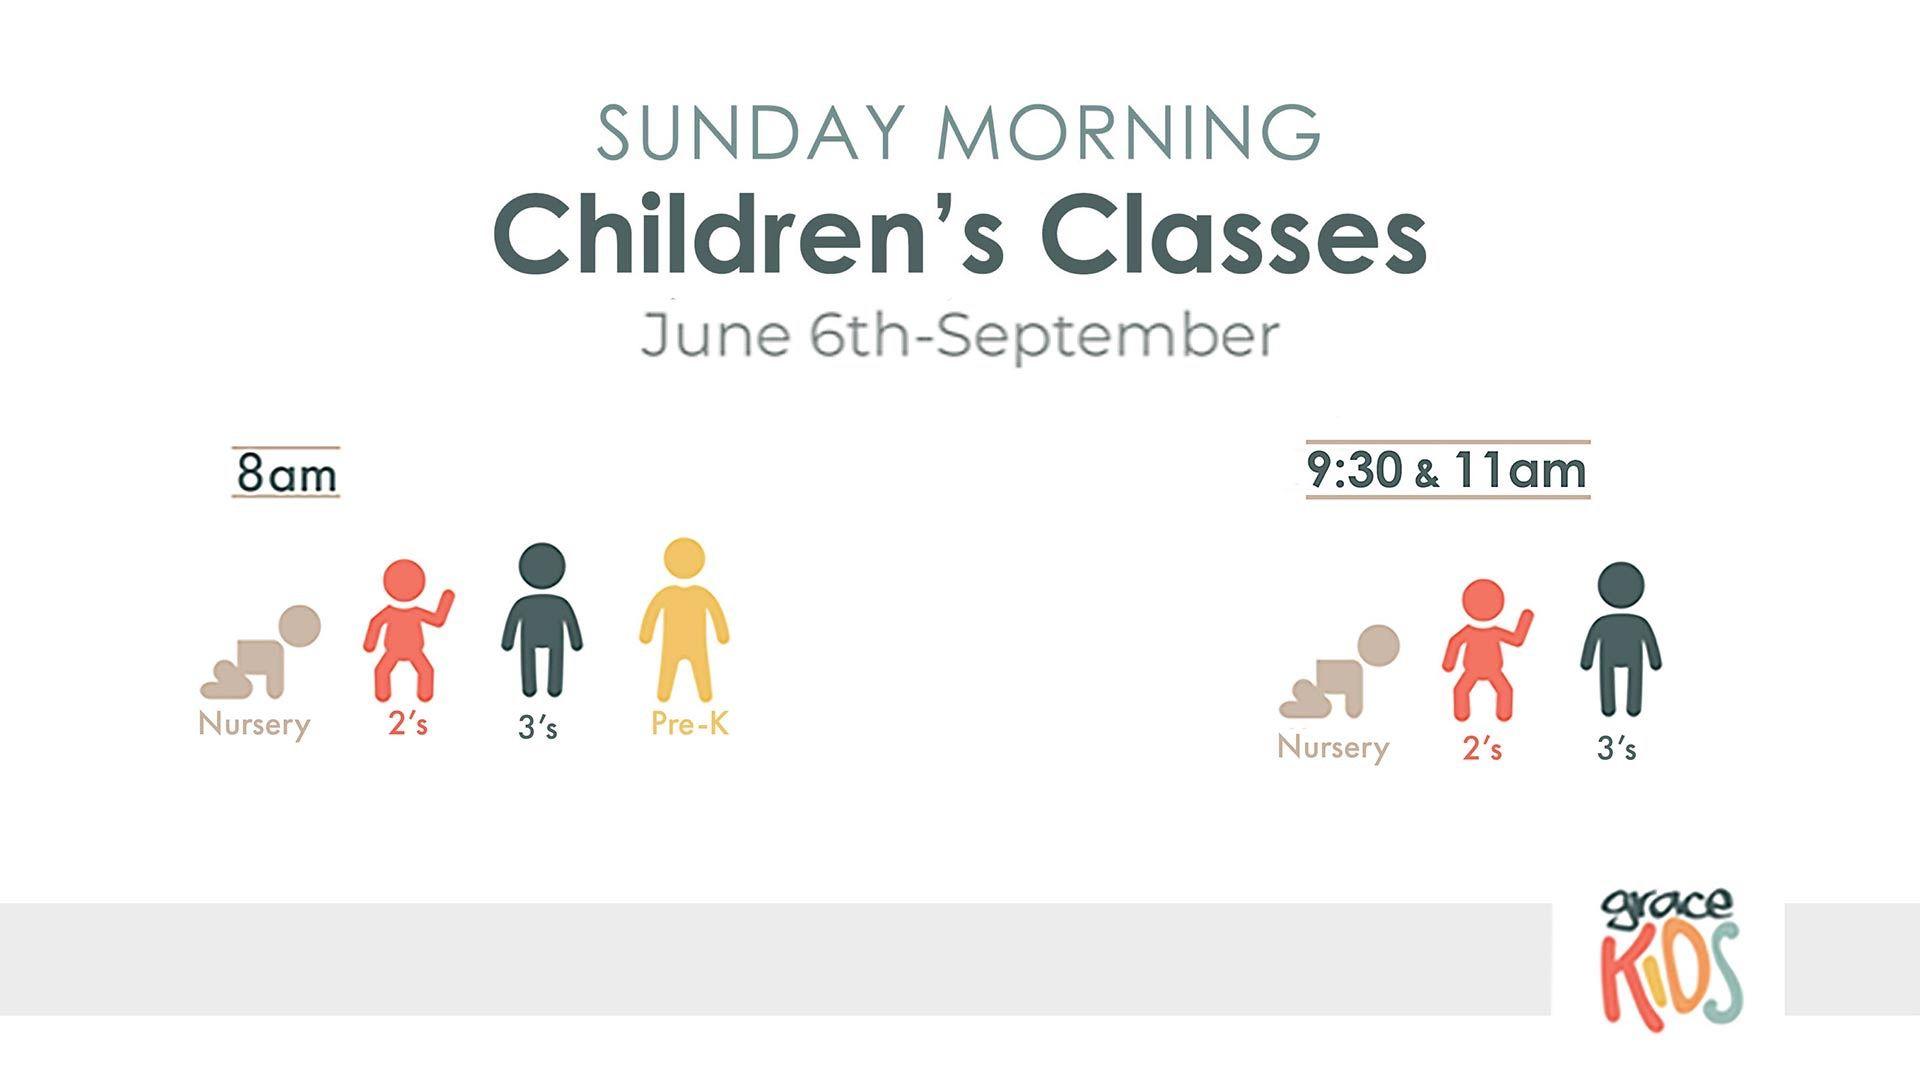 NL kids class